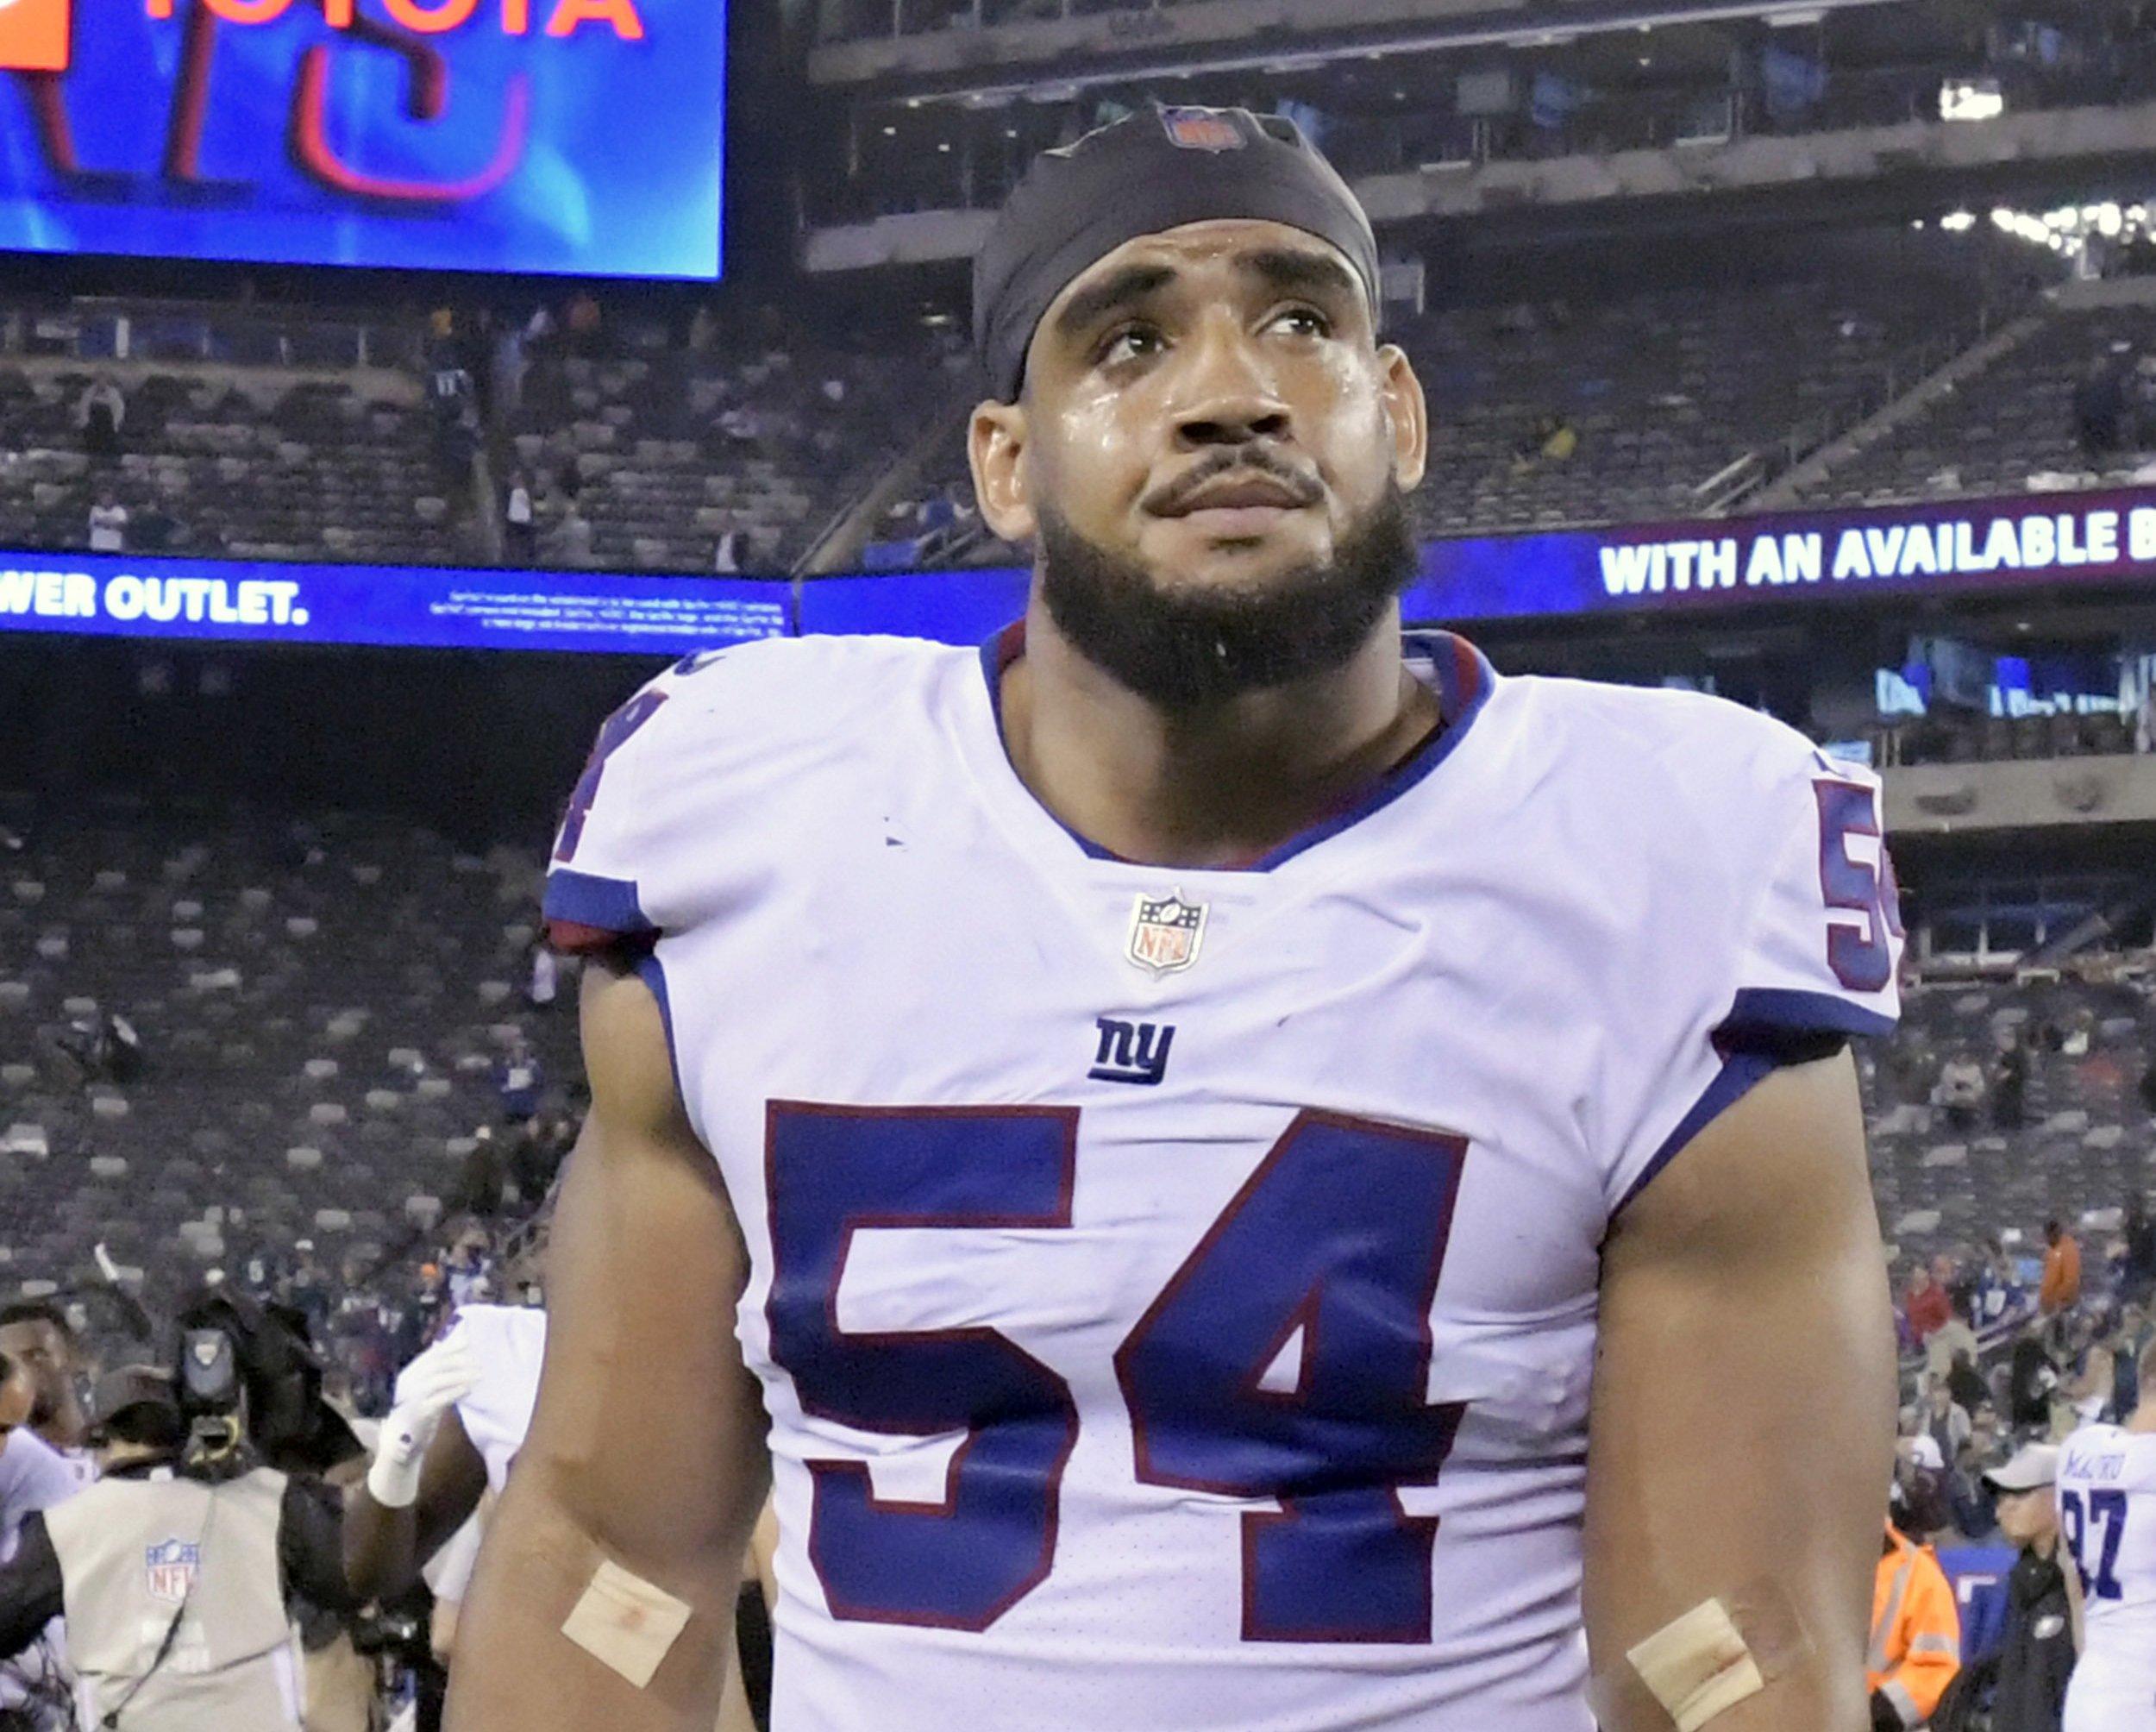 Giants LB Olivier Vernon struggling after ankle injury